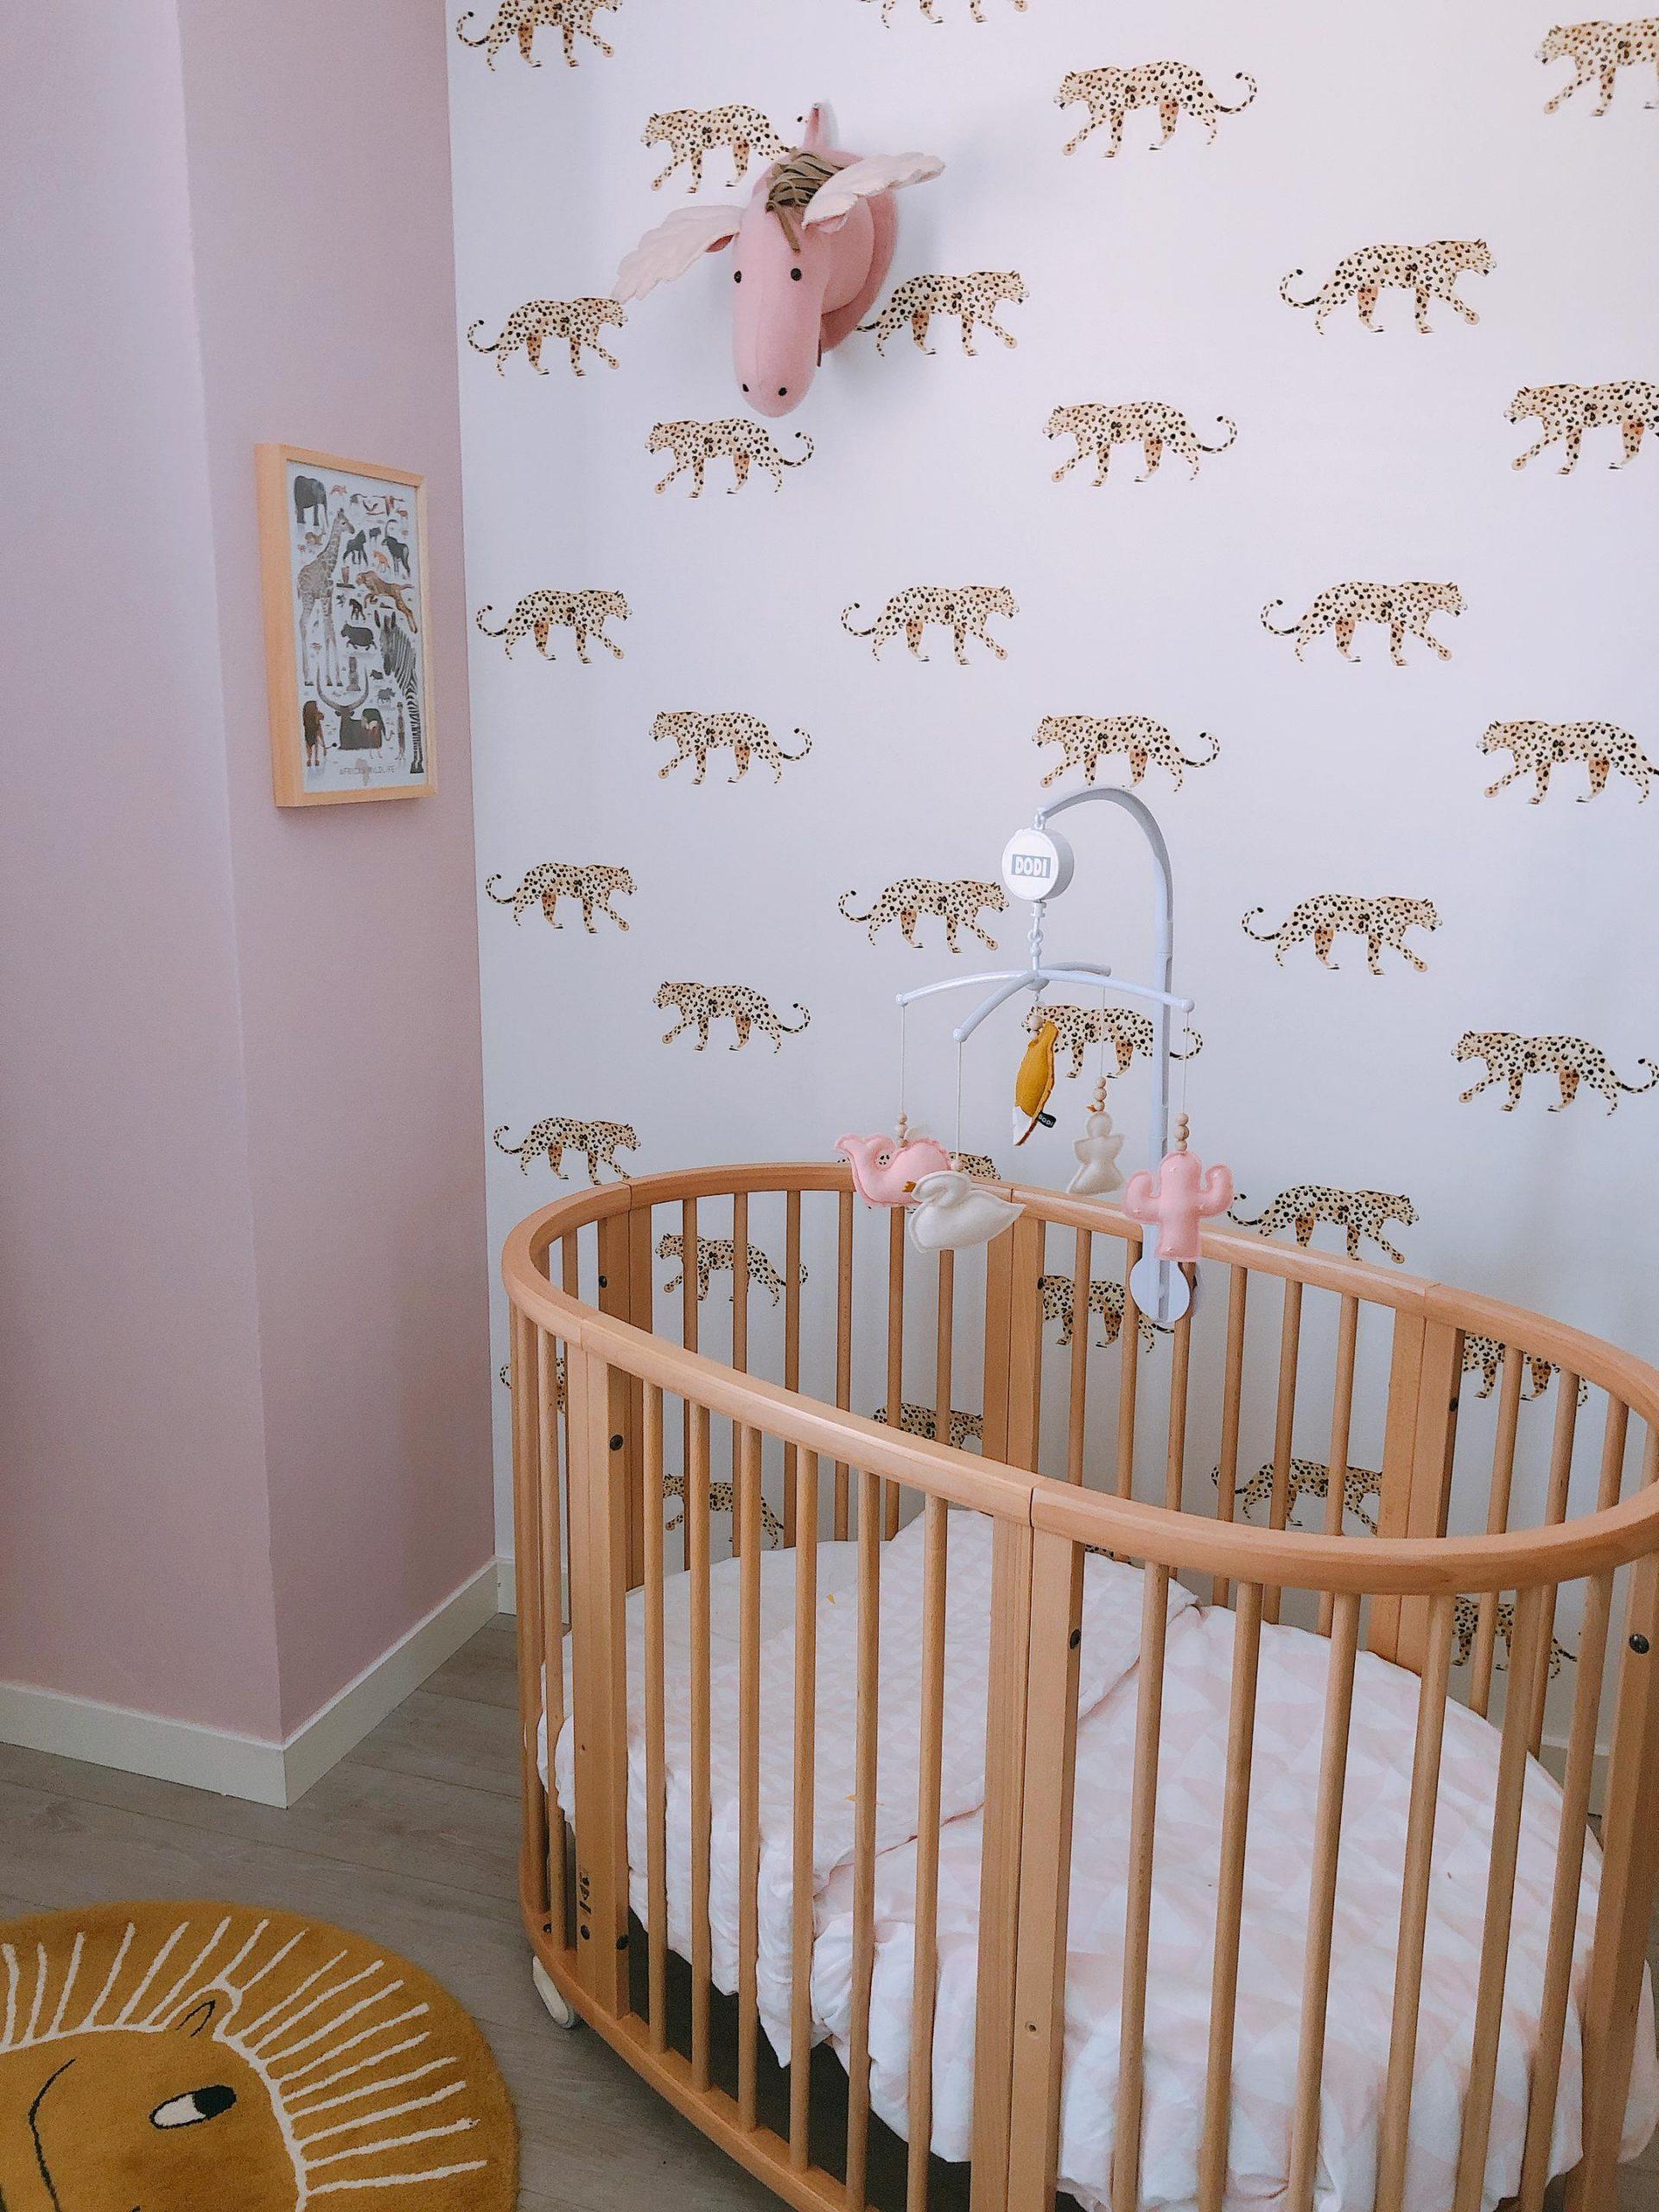 IMG 6855 2160x2880 1 scaled - De nieuwe accessoires op de kinderkamers én onze slaapkamer!